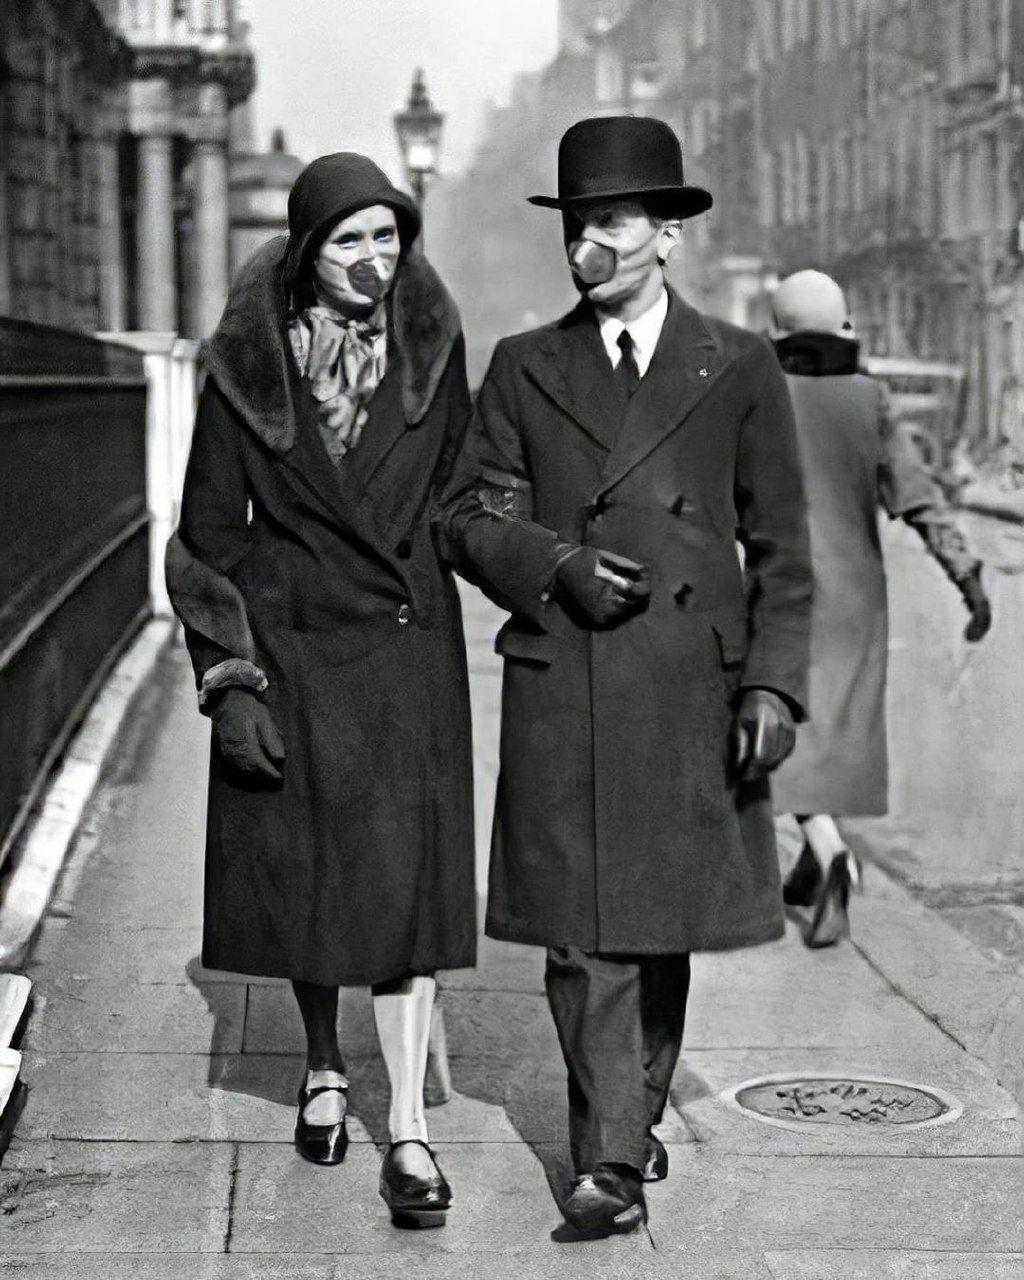 ماسک عجیب زوج بریتانیایی در همه گیری آنفولانزا +عکس